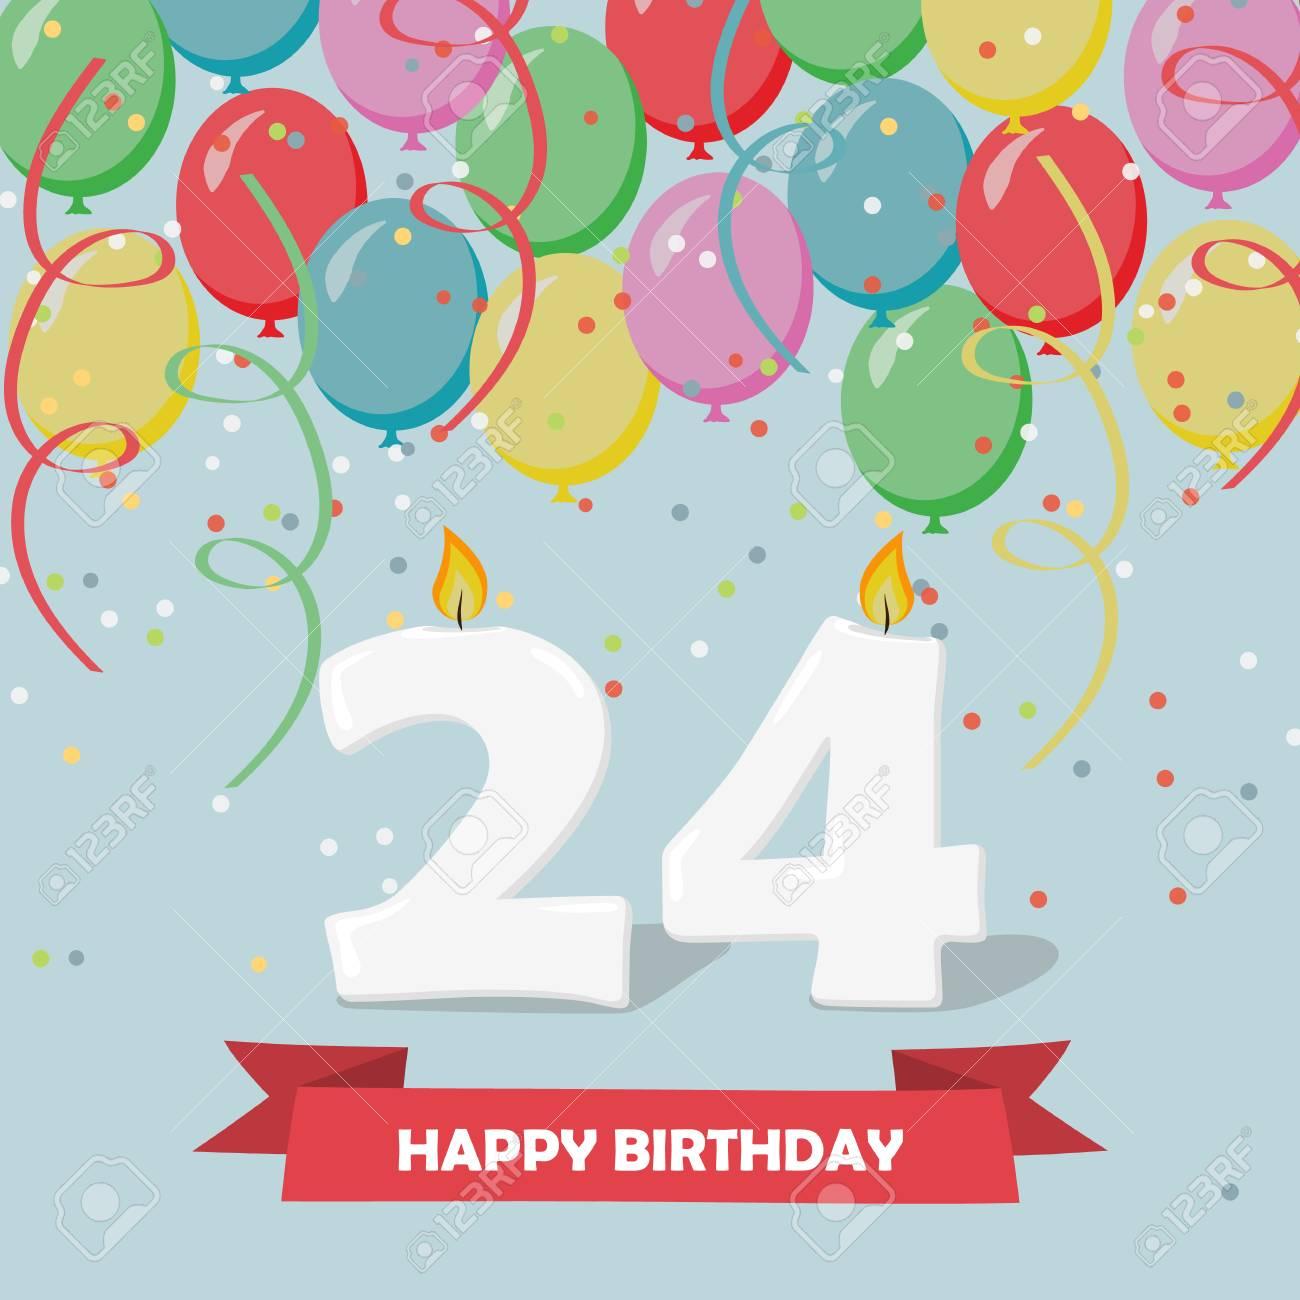 Celebration Des 24 Ans Carte De Voeux Joyeux Anniversaire Avec Des Bougies Des Confettis Et Des Ballons Clip Art Libres De Droits Vecteurs Et Illustration Image 93982448